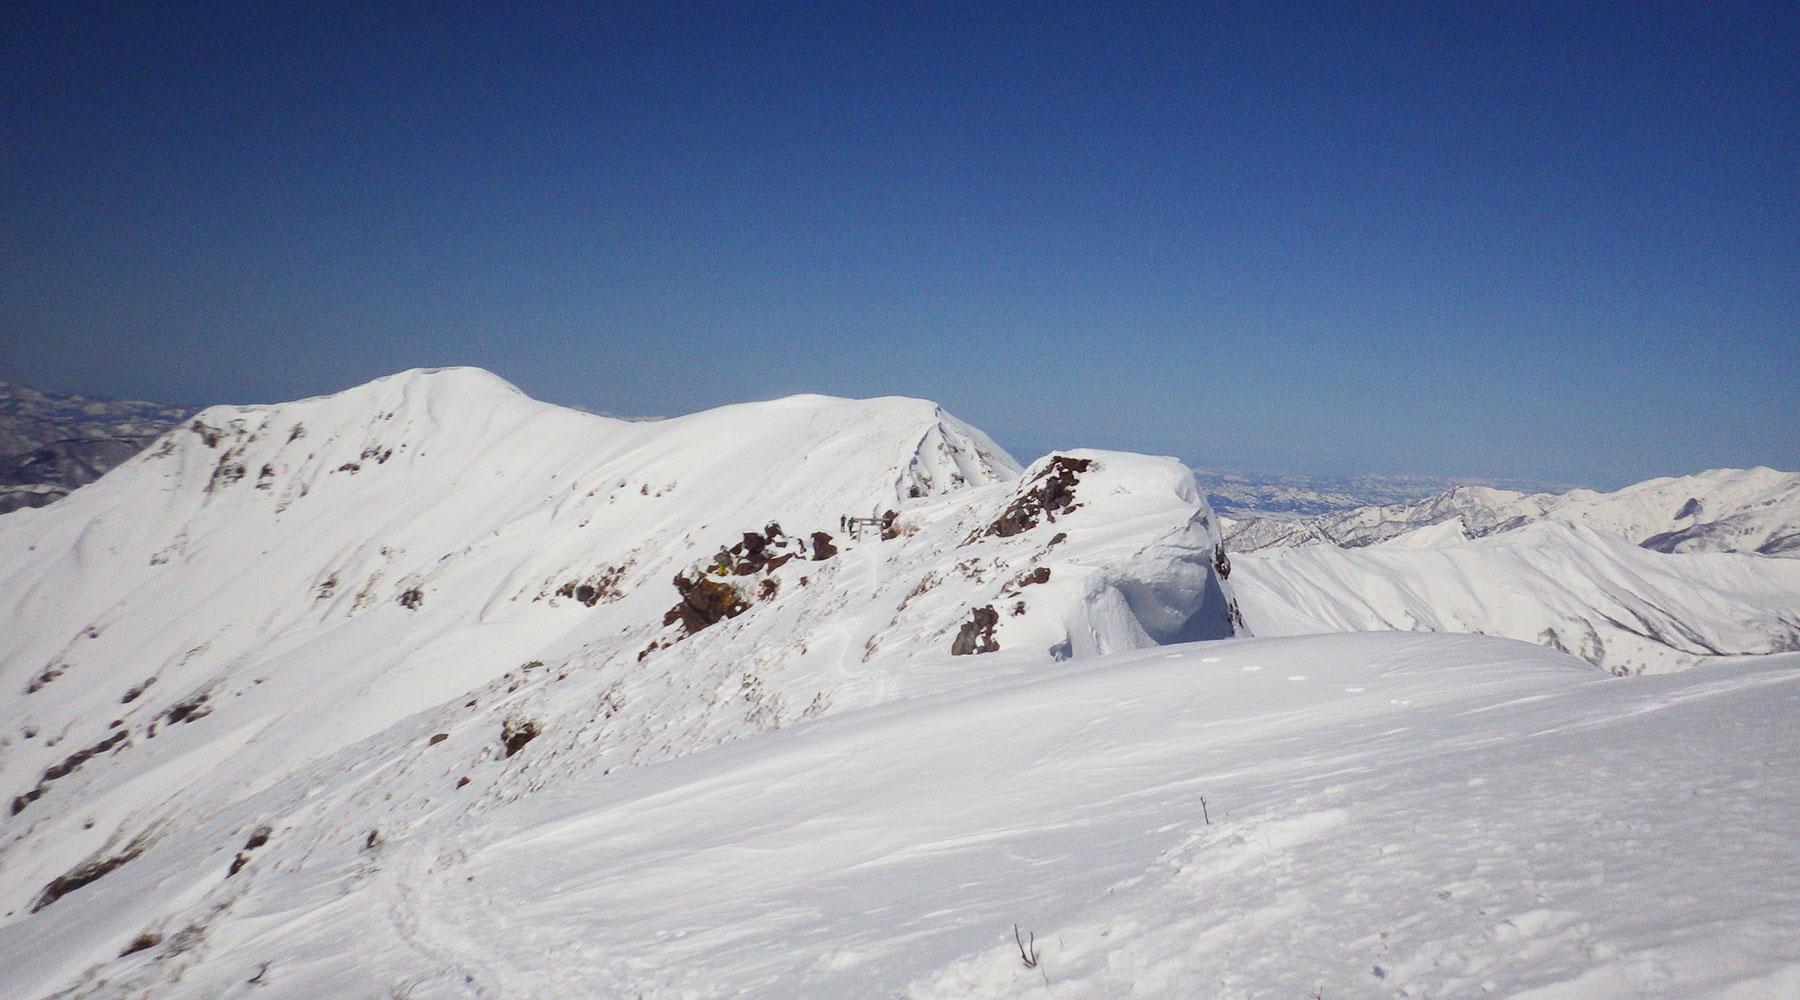 谷川岳・オキの耳の奥に続く奥の院方面